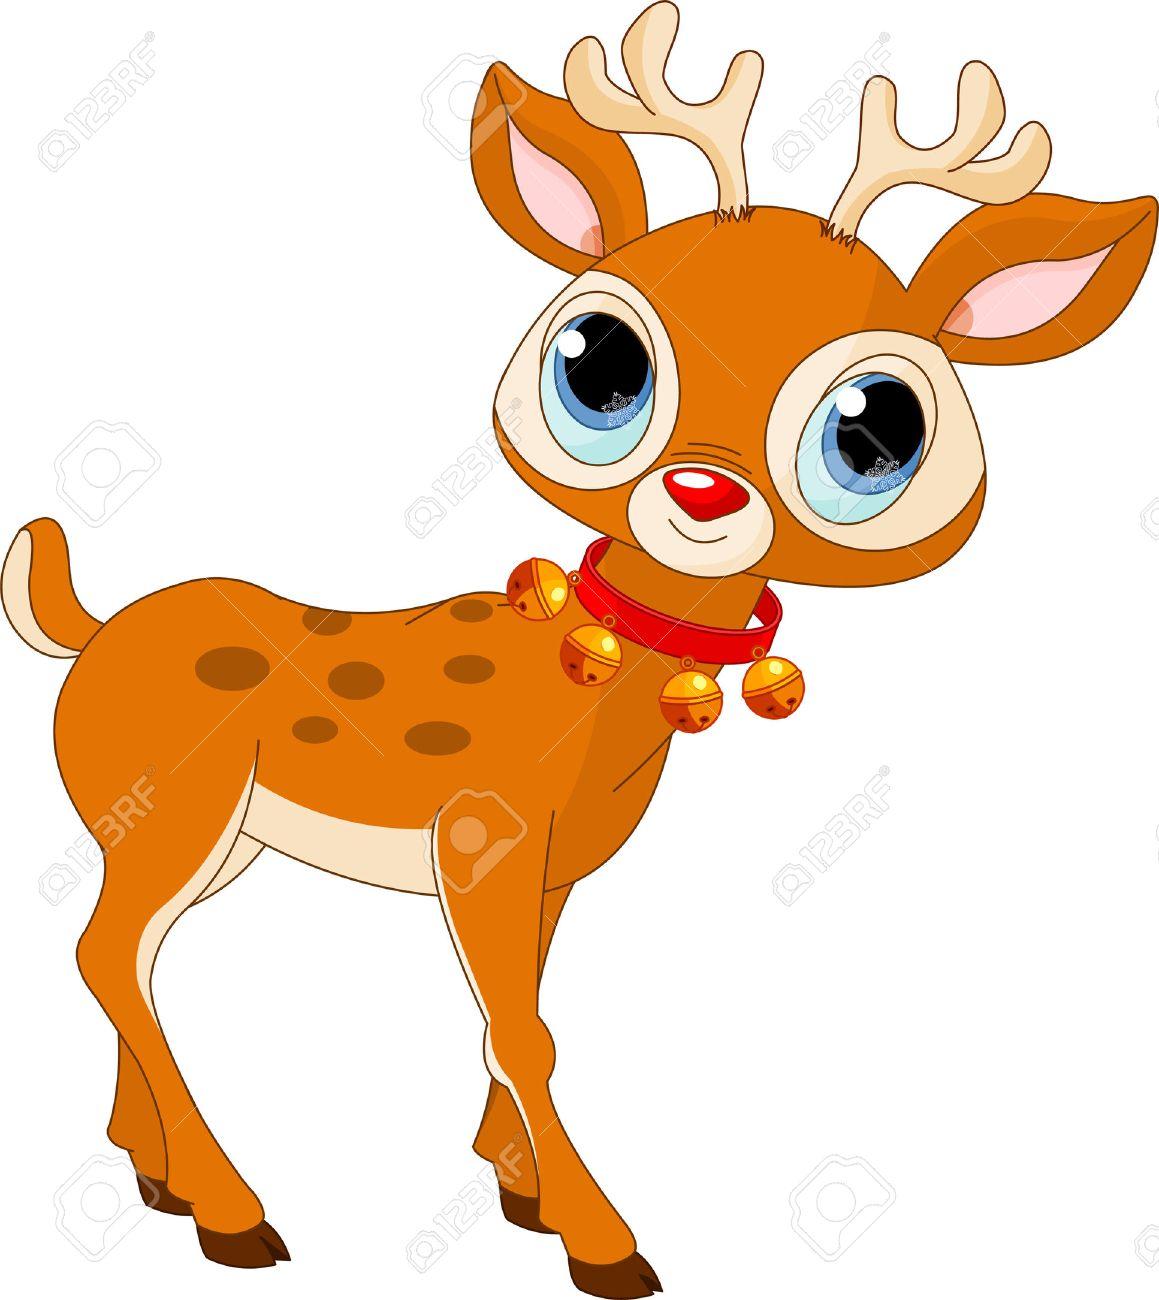 Illustration of beautiful cartoon reindeer Rudolf - 8339602